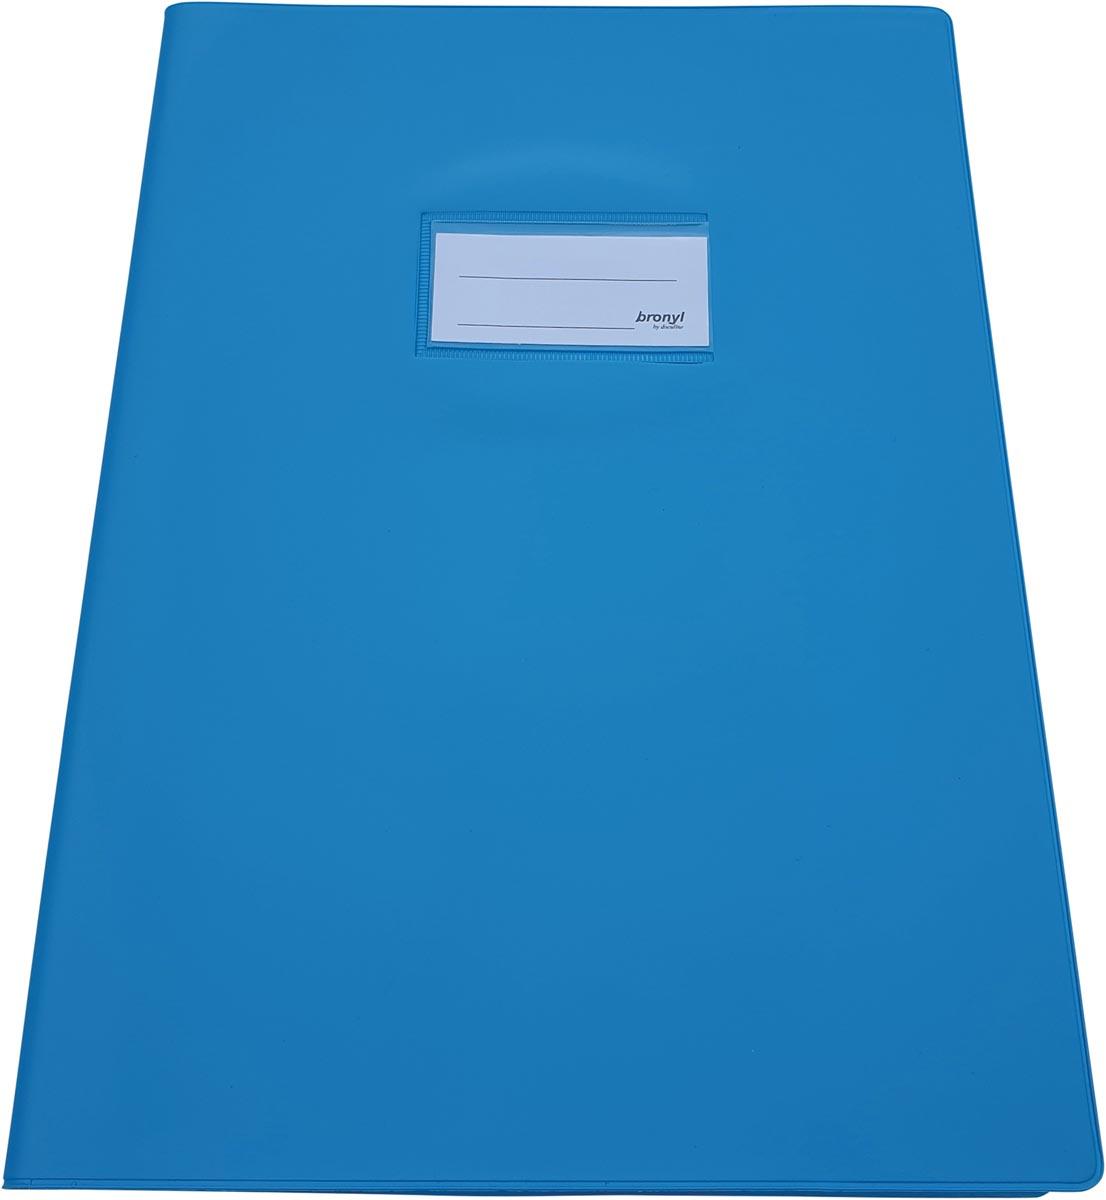 Bronyl schriftomslag ft 21 x 29,7 cm (A4), lichtblauw